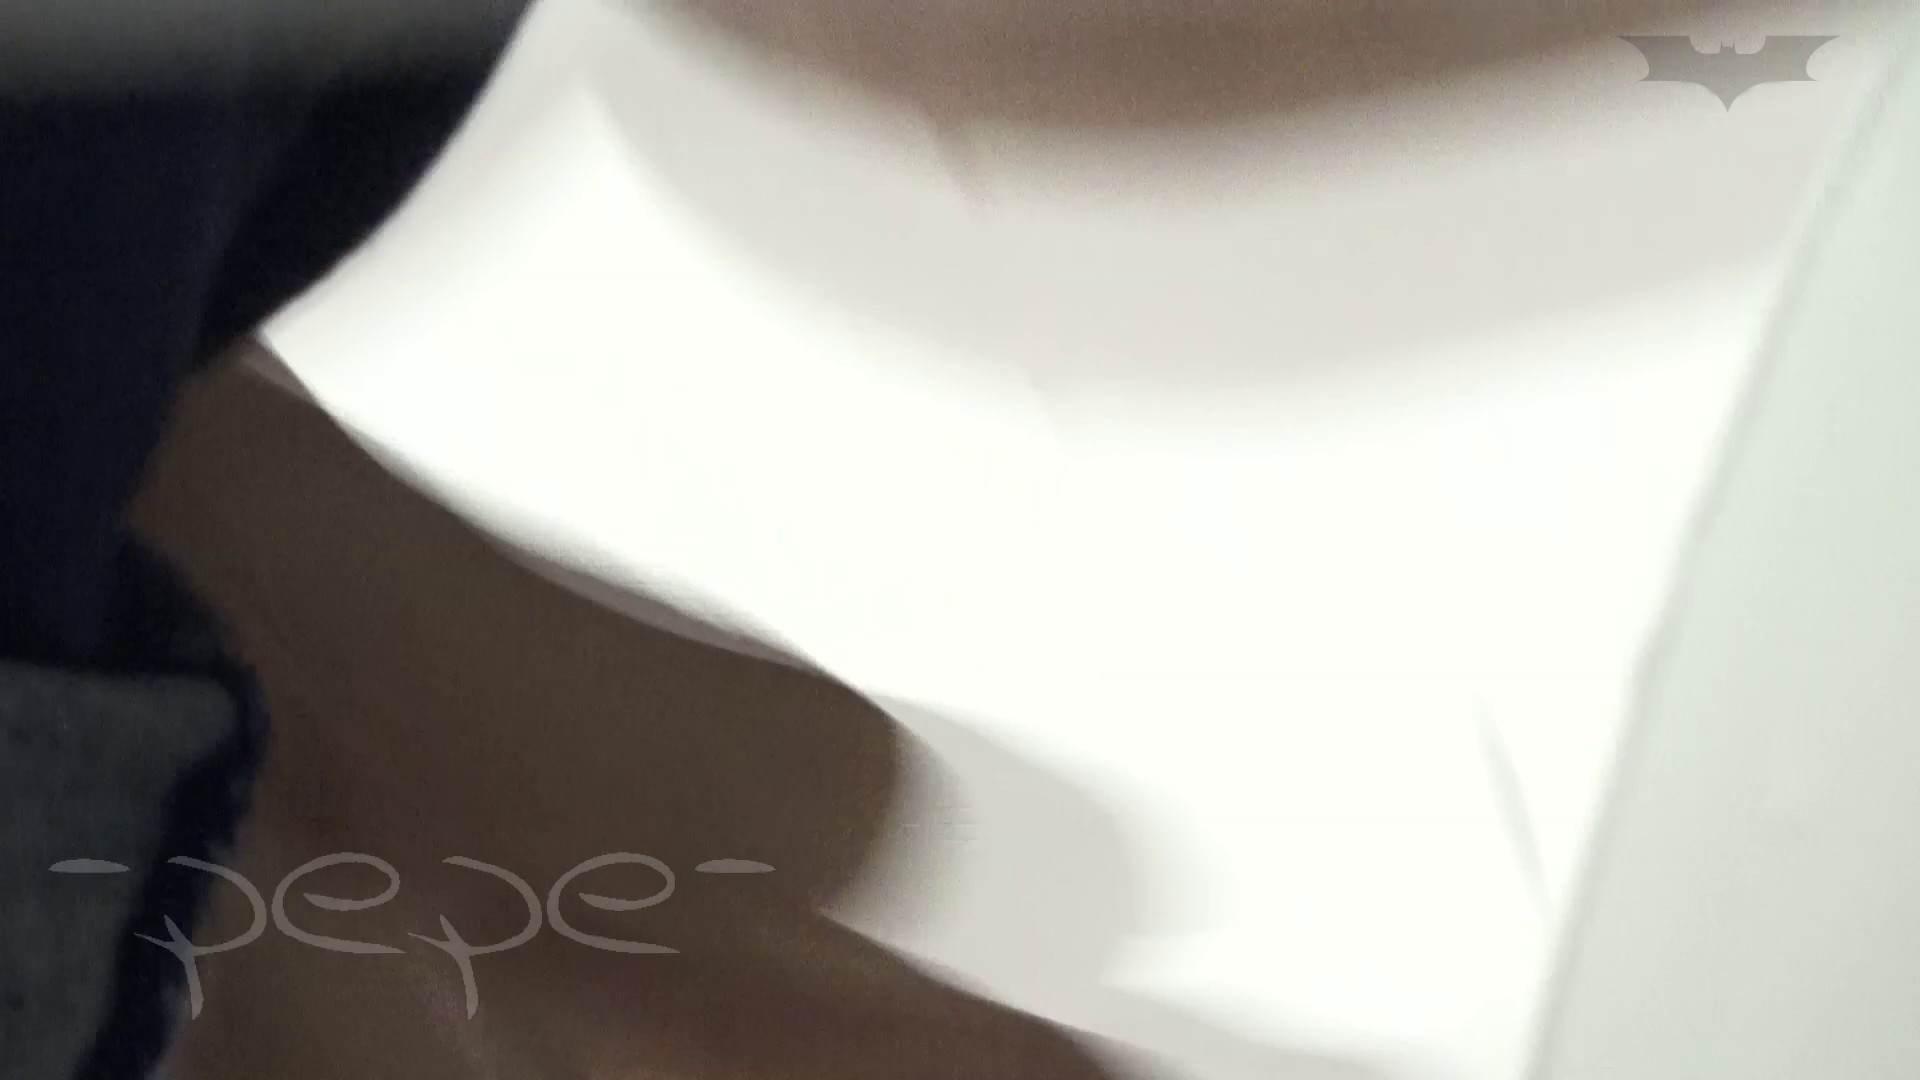 ツルとうんこの恩返し 期間限定神キタ!ツルピカの放nyo!Vol.14 OL女体 オメコ動画キャプチャ 107連発 22